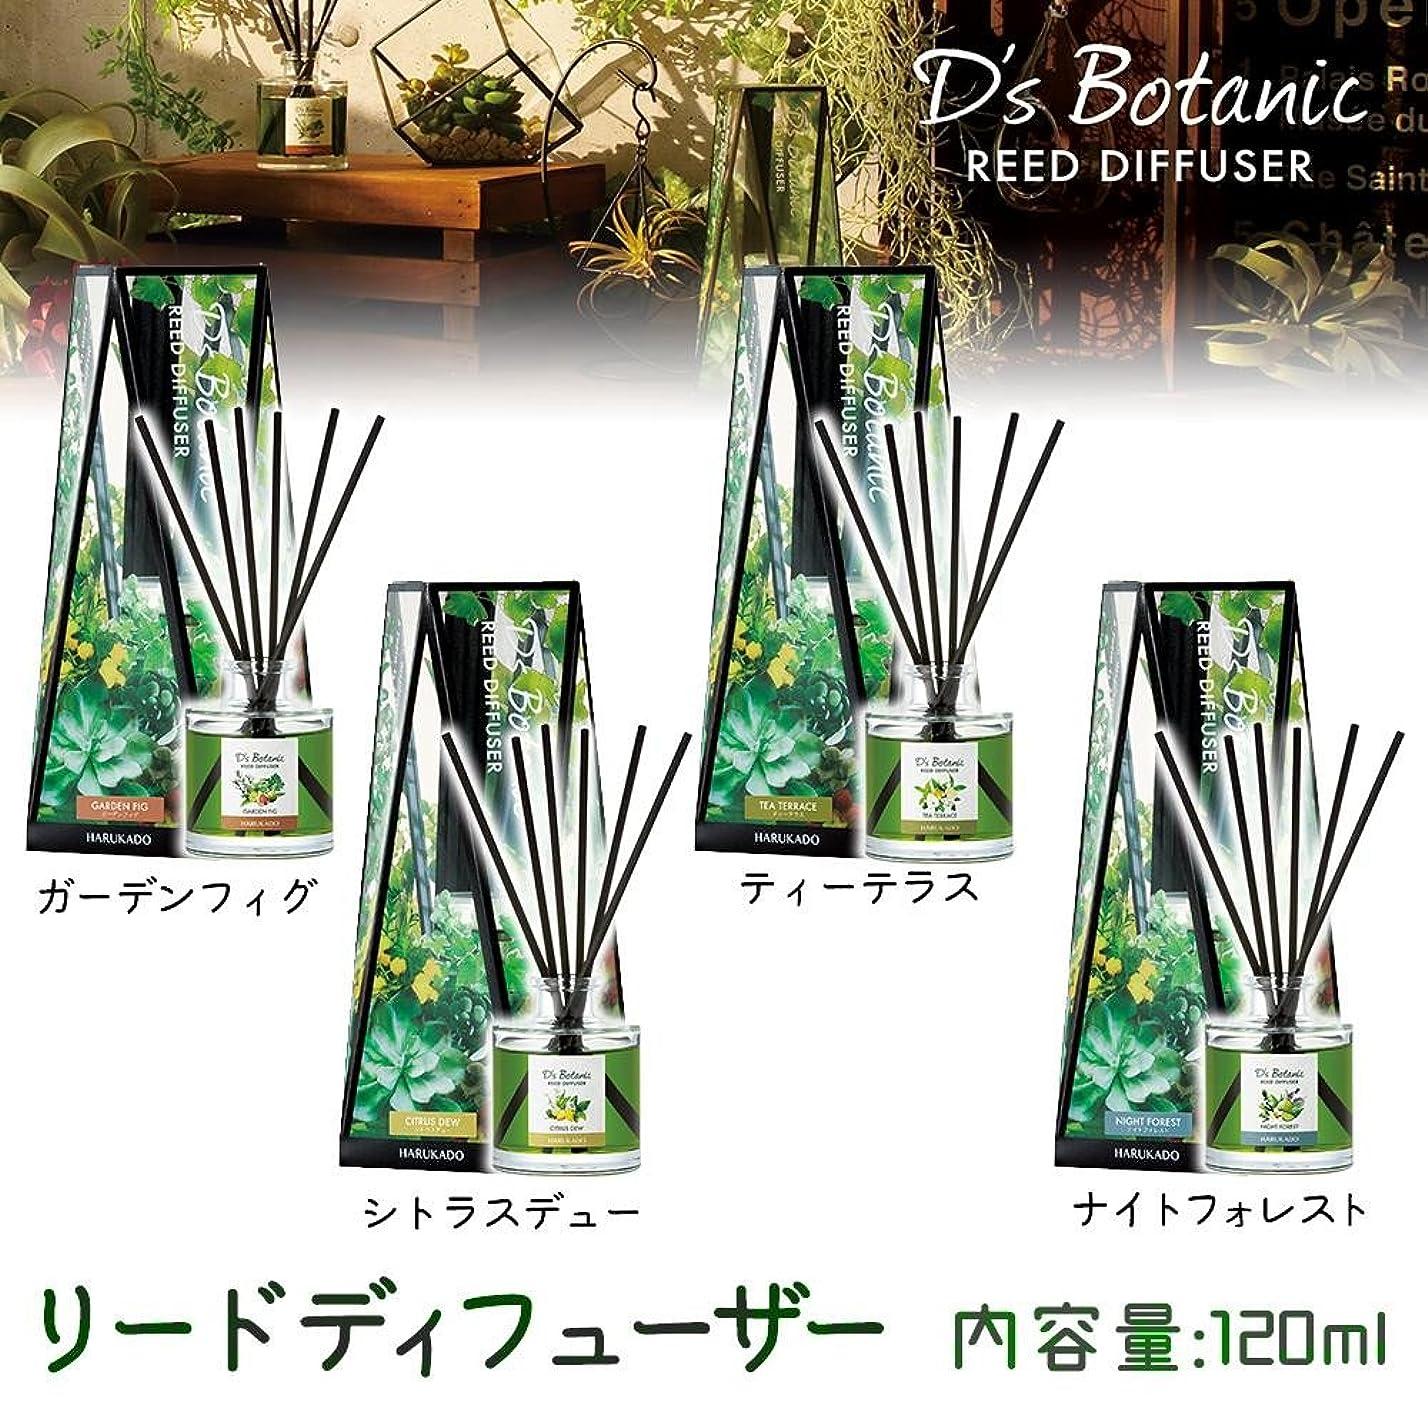 白雪姫マエストロフィットD'S Botanic(デイズボタニック) リードディフューザー ルームフレグランス 120ml シトラスデュー?6229【人気 おすすめ 】